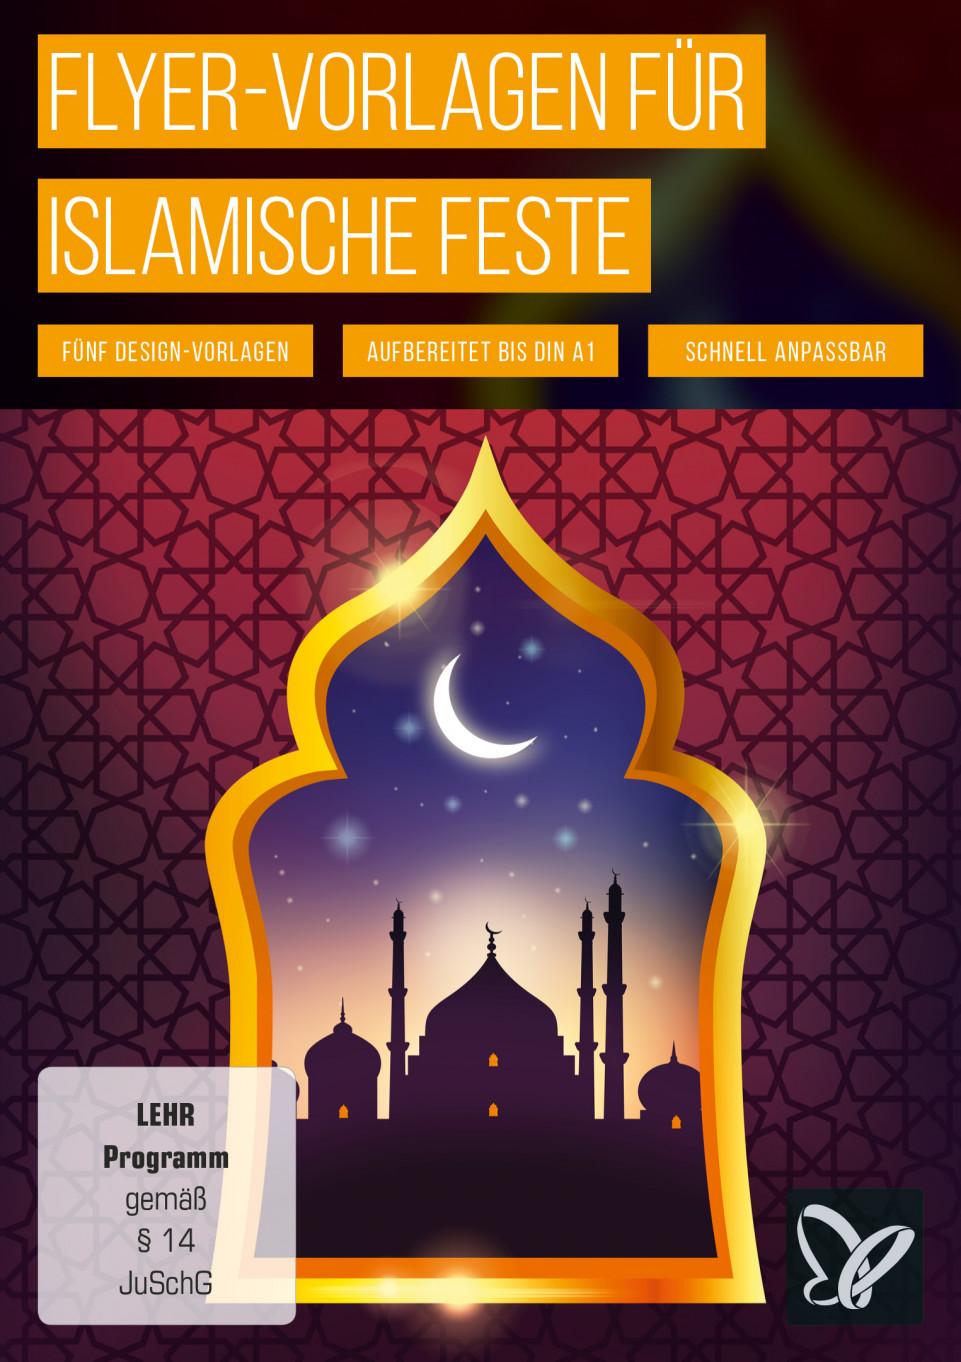 Flyer-Vorlagen für islamische Veranstaltungen